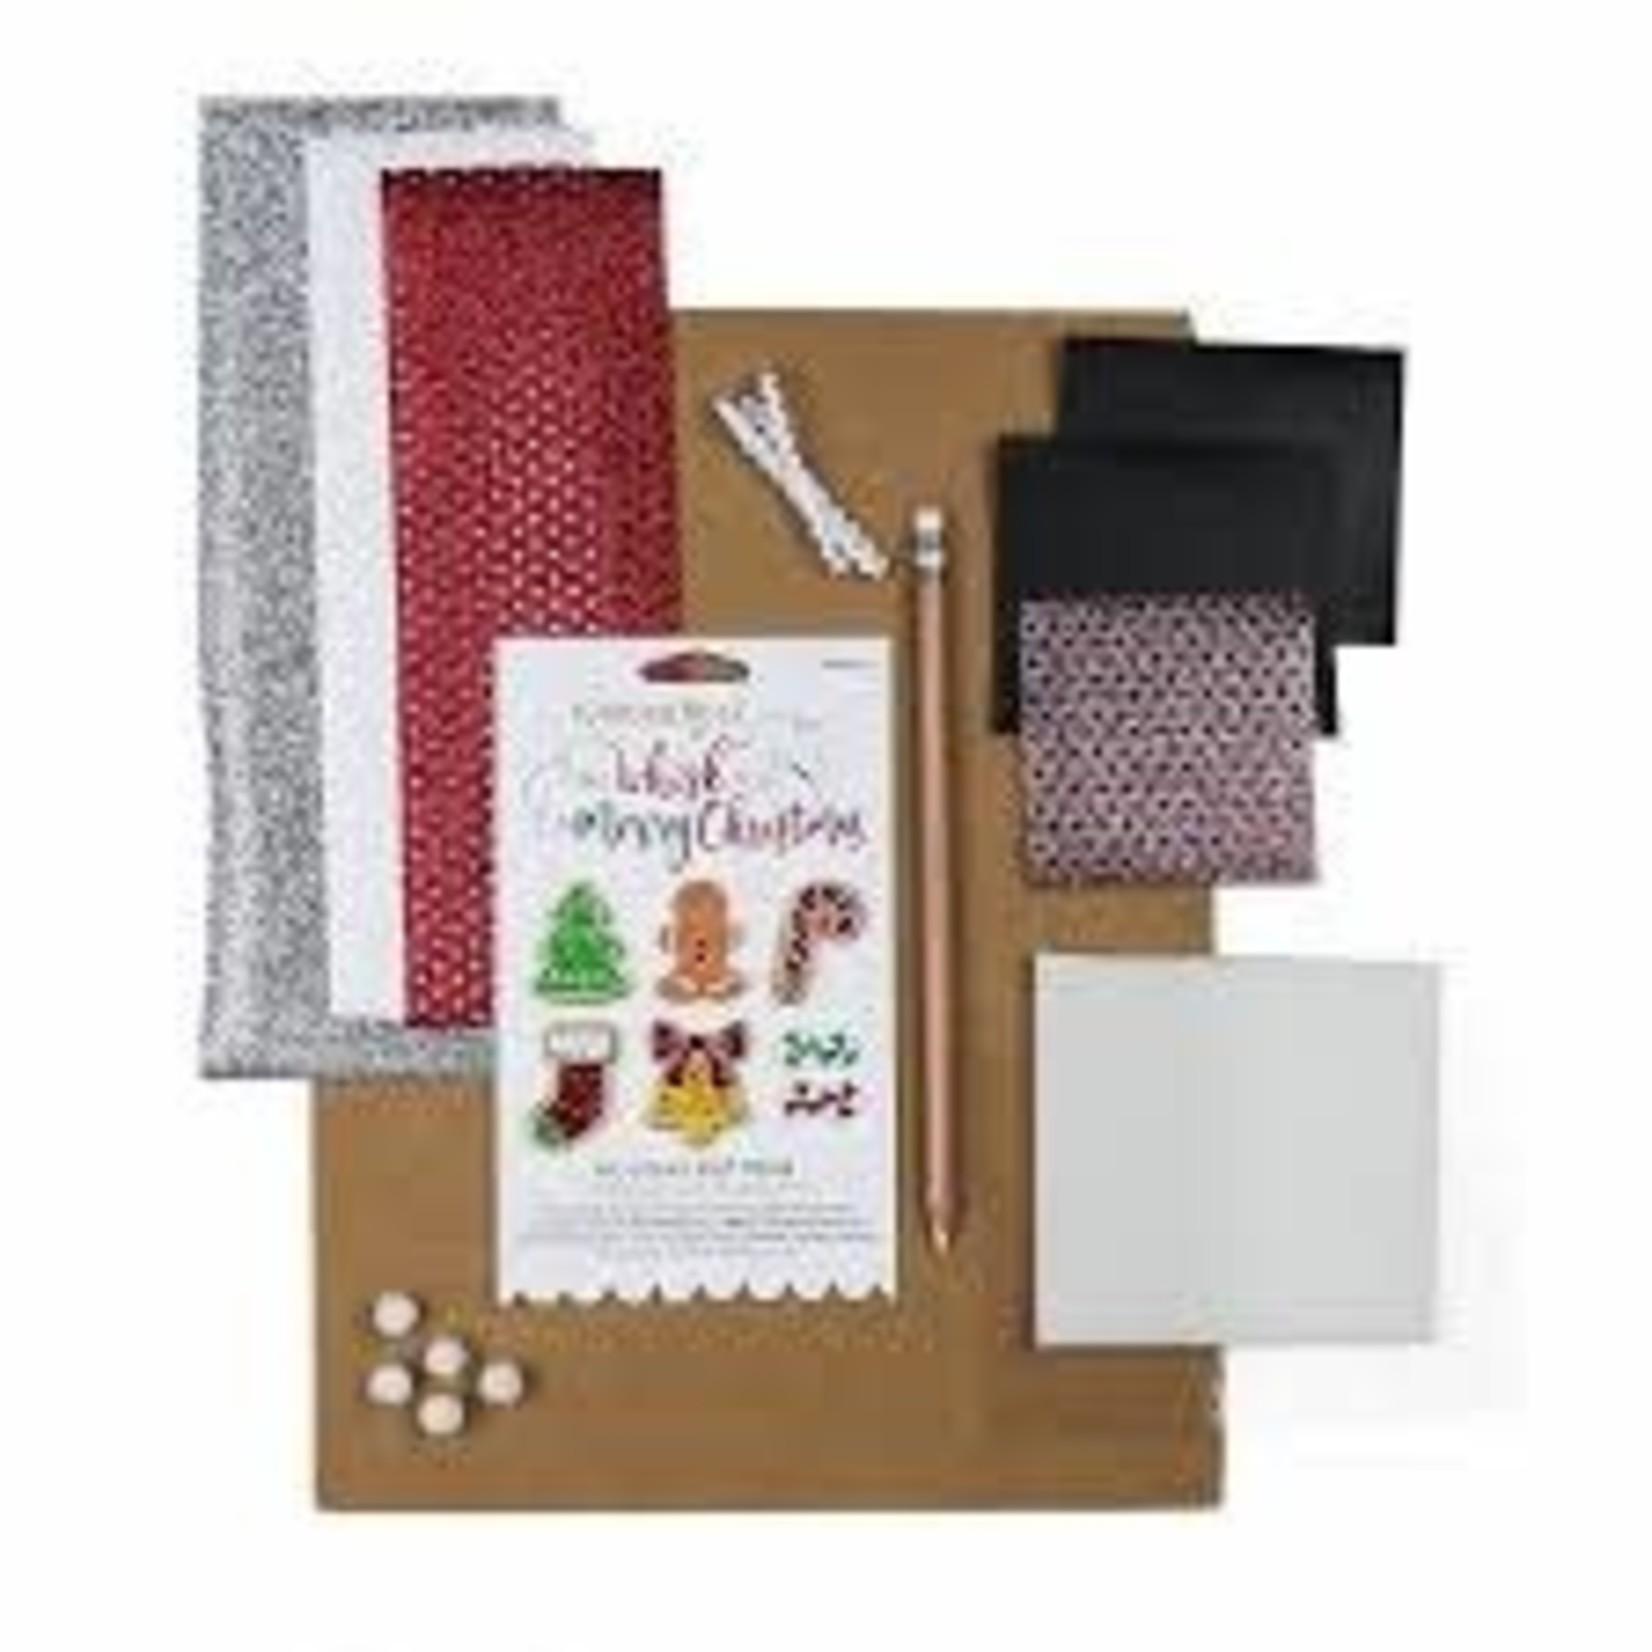 KIMBERBELL DESIGNS We Whisk You Embellishment Kit